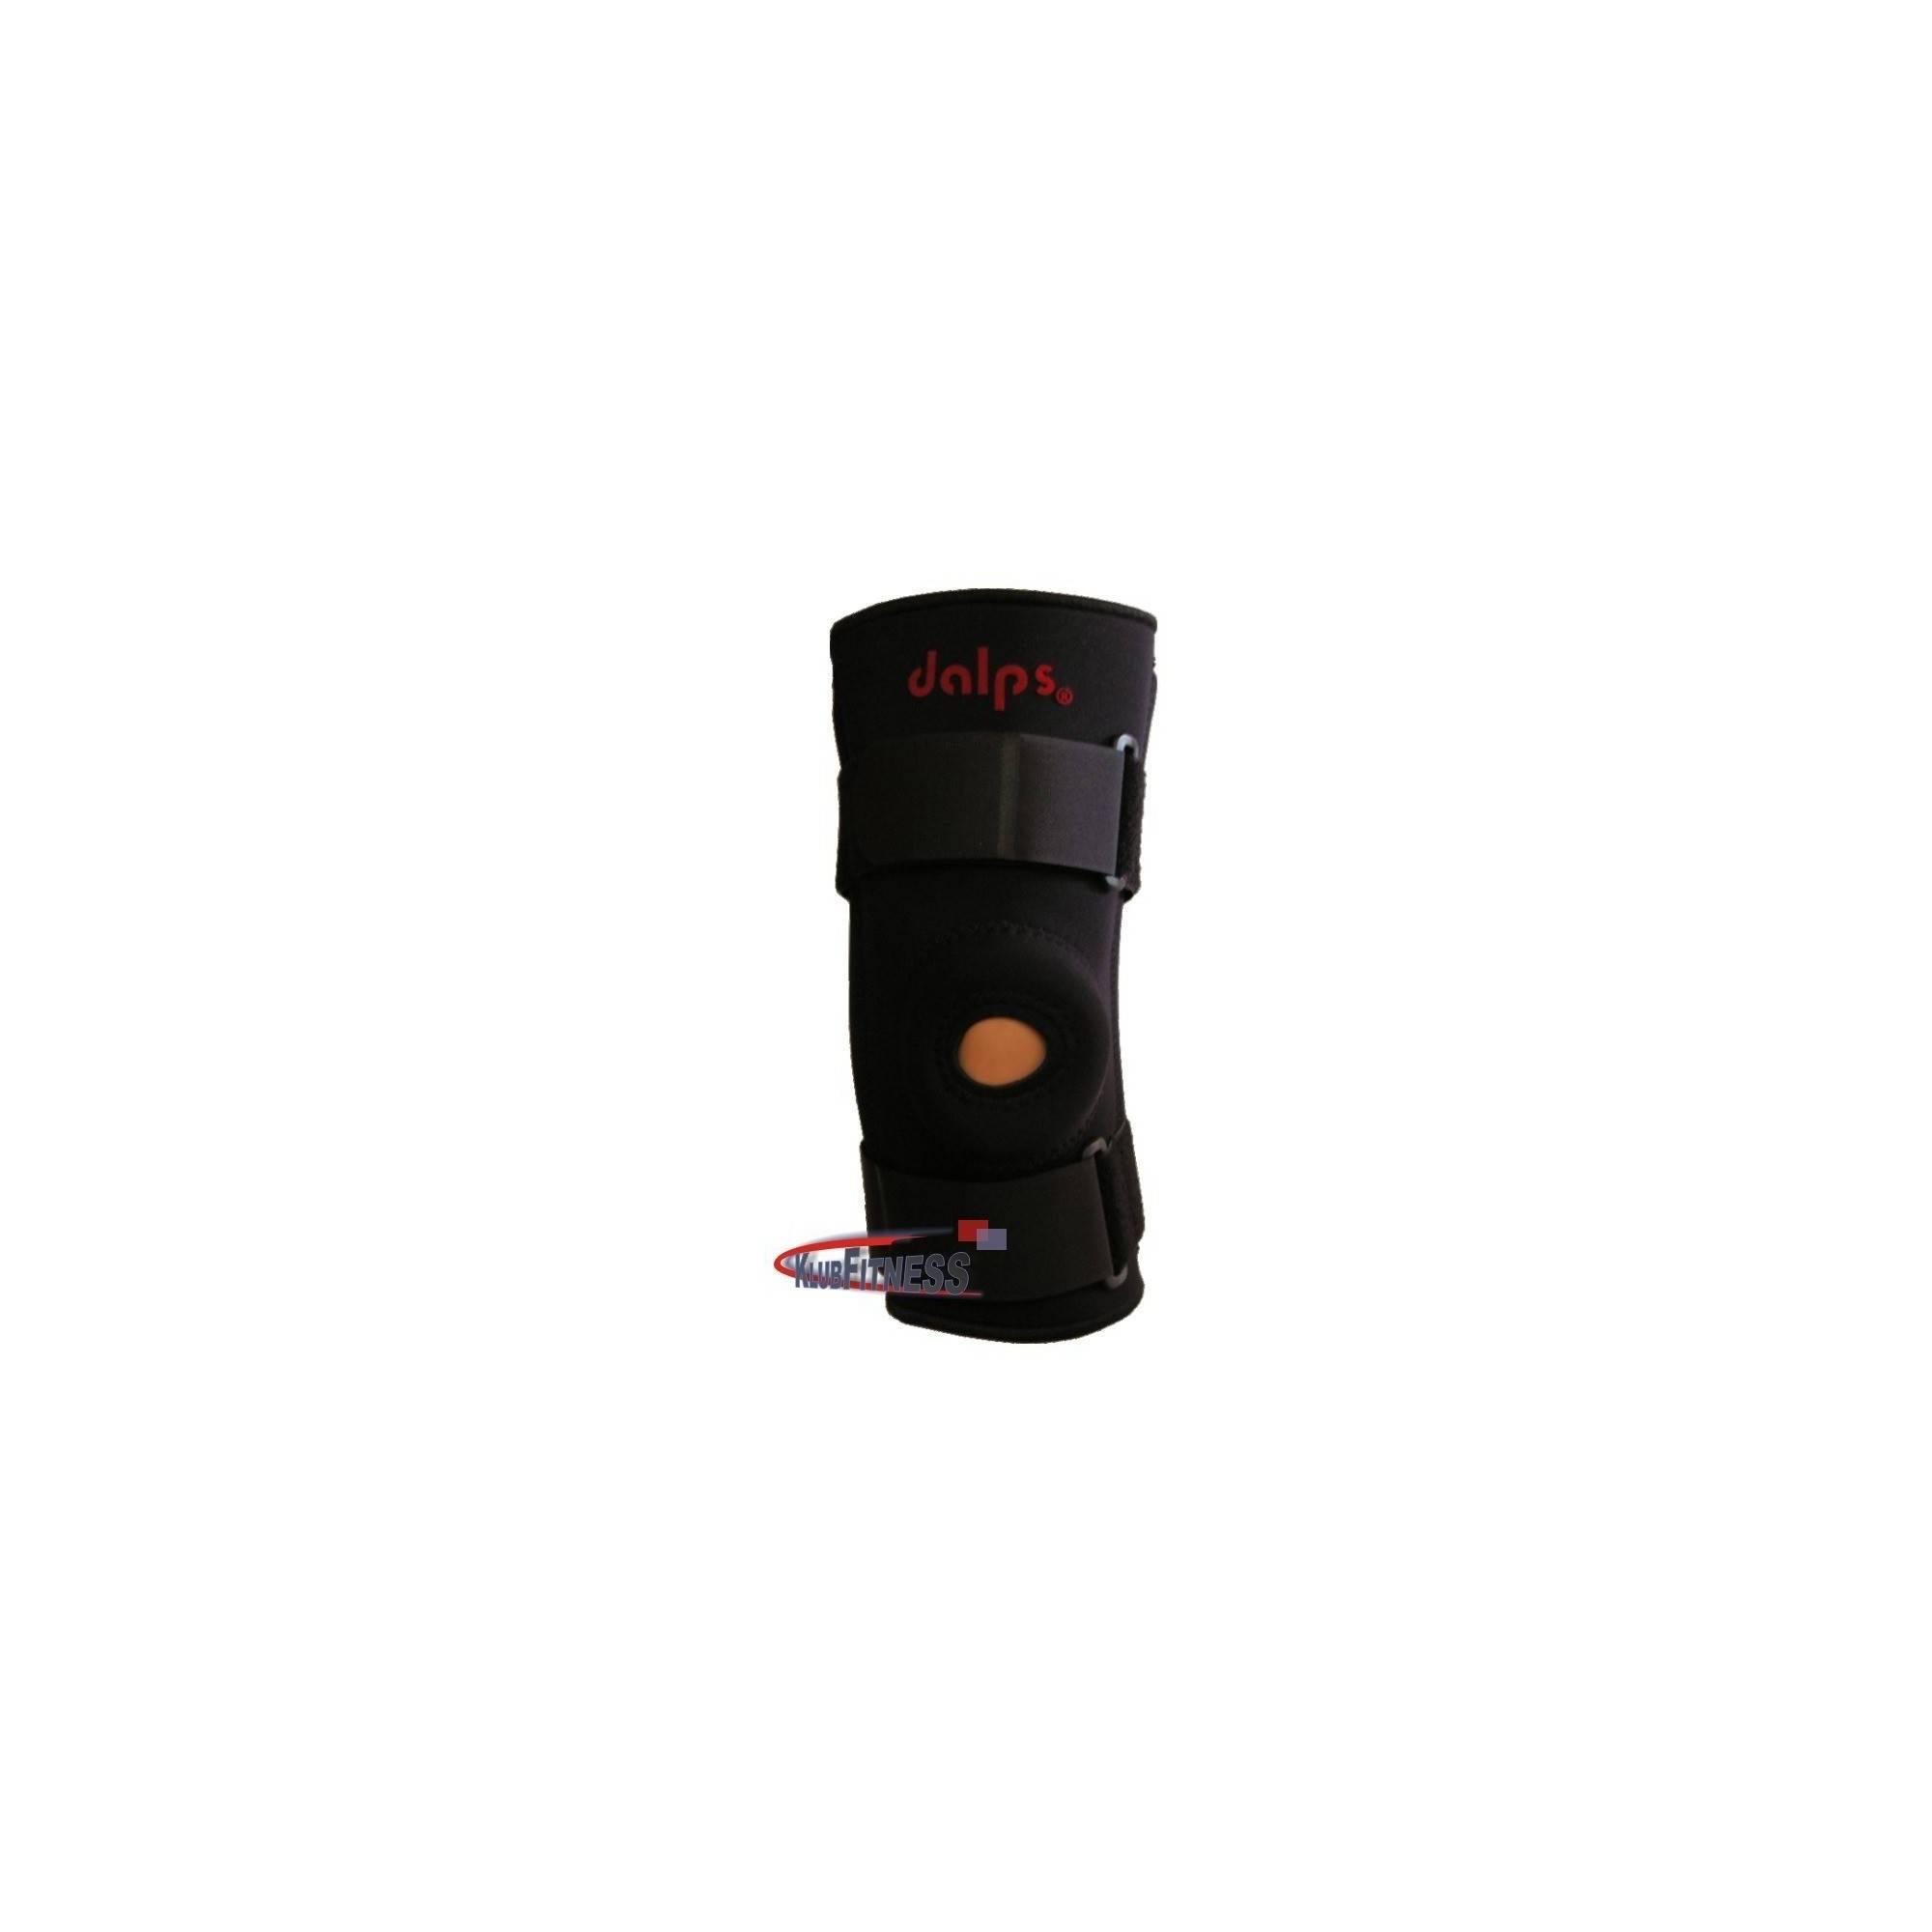 Ściągacz neoprenowy na kolano DALPS 5161NS rozmiar S DALPS - 1 | klubfitness.pl | sprzęt sportowy sport equipment